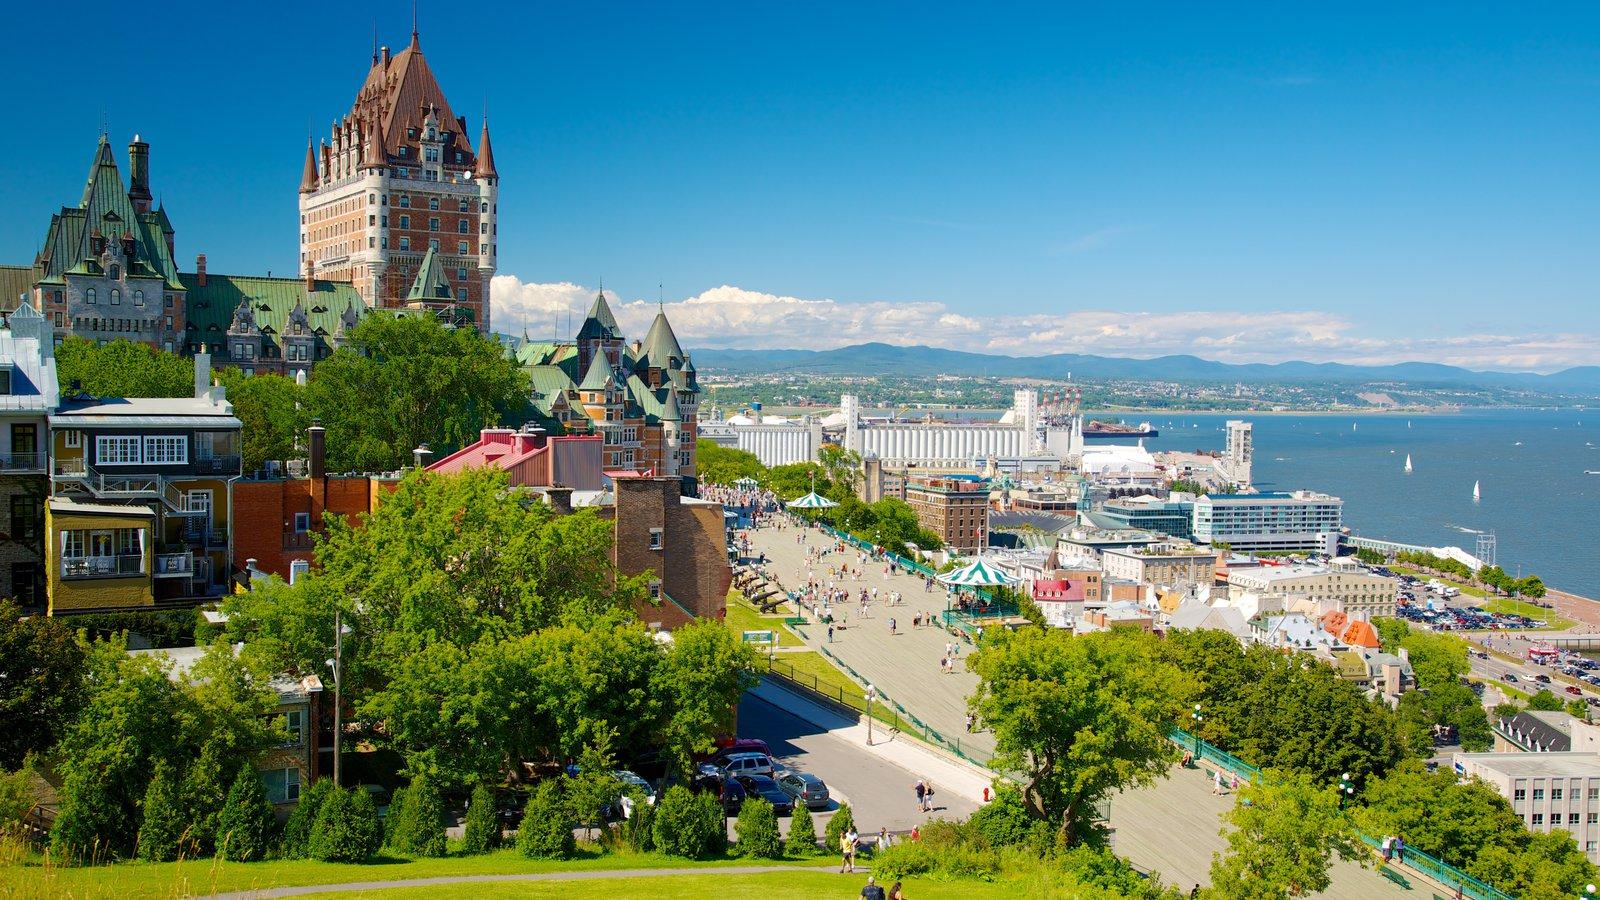 Terraza Dufferin de Parks Canada mostrando vistas generales de la costa, un castillo y una ciudad